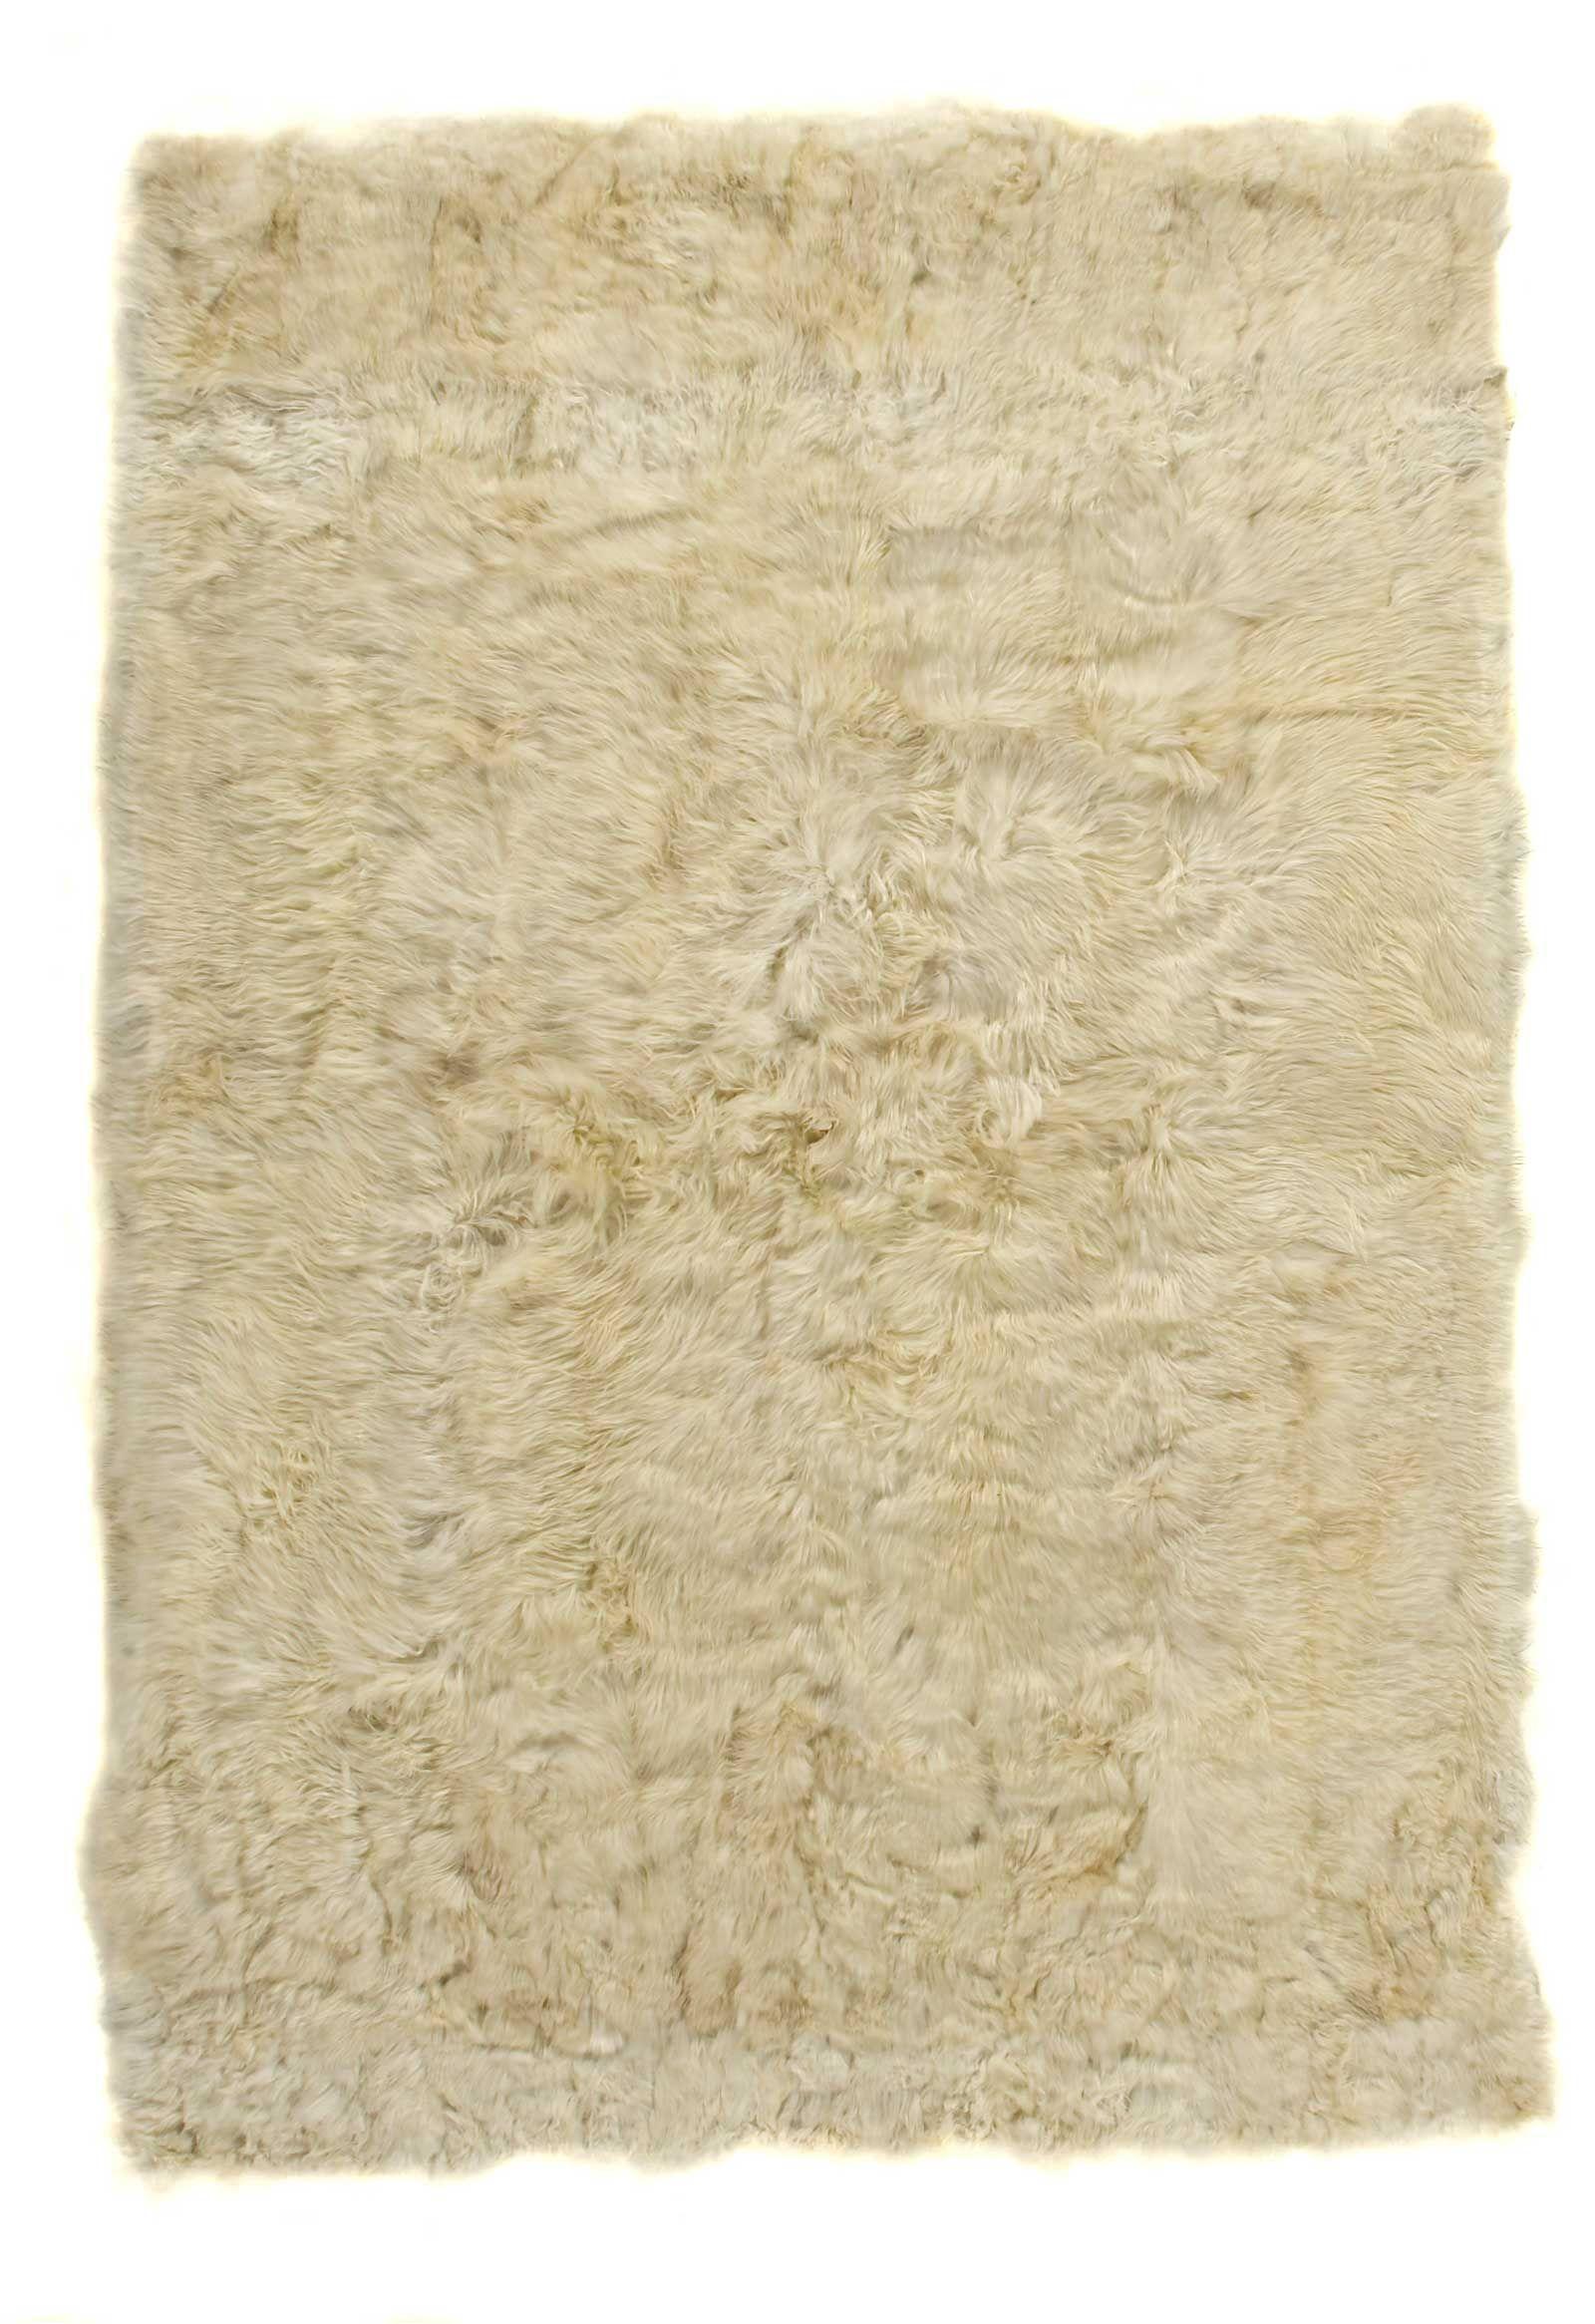 Alpaca Carpets Uk Carpet Vidalondon